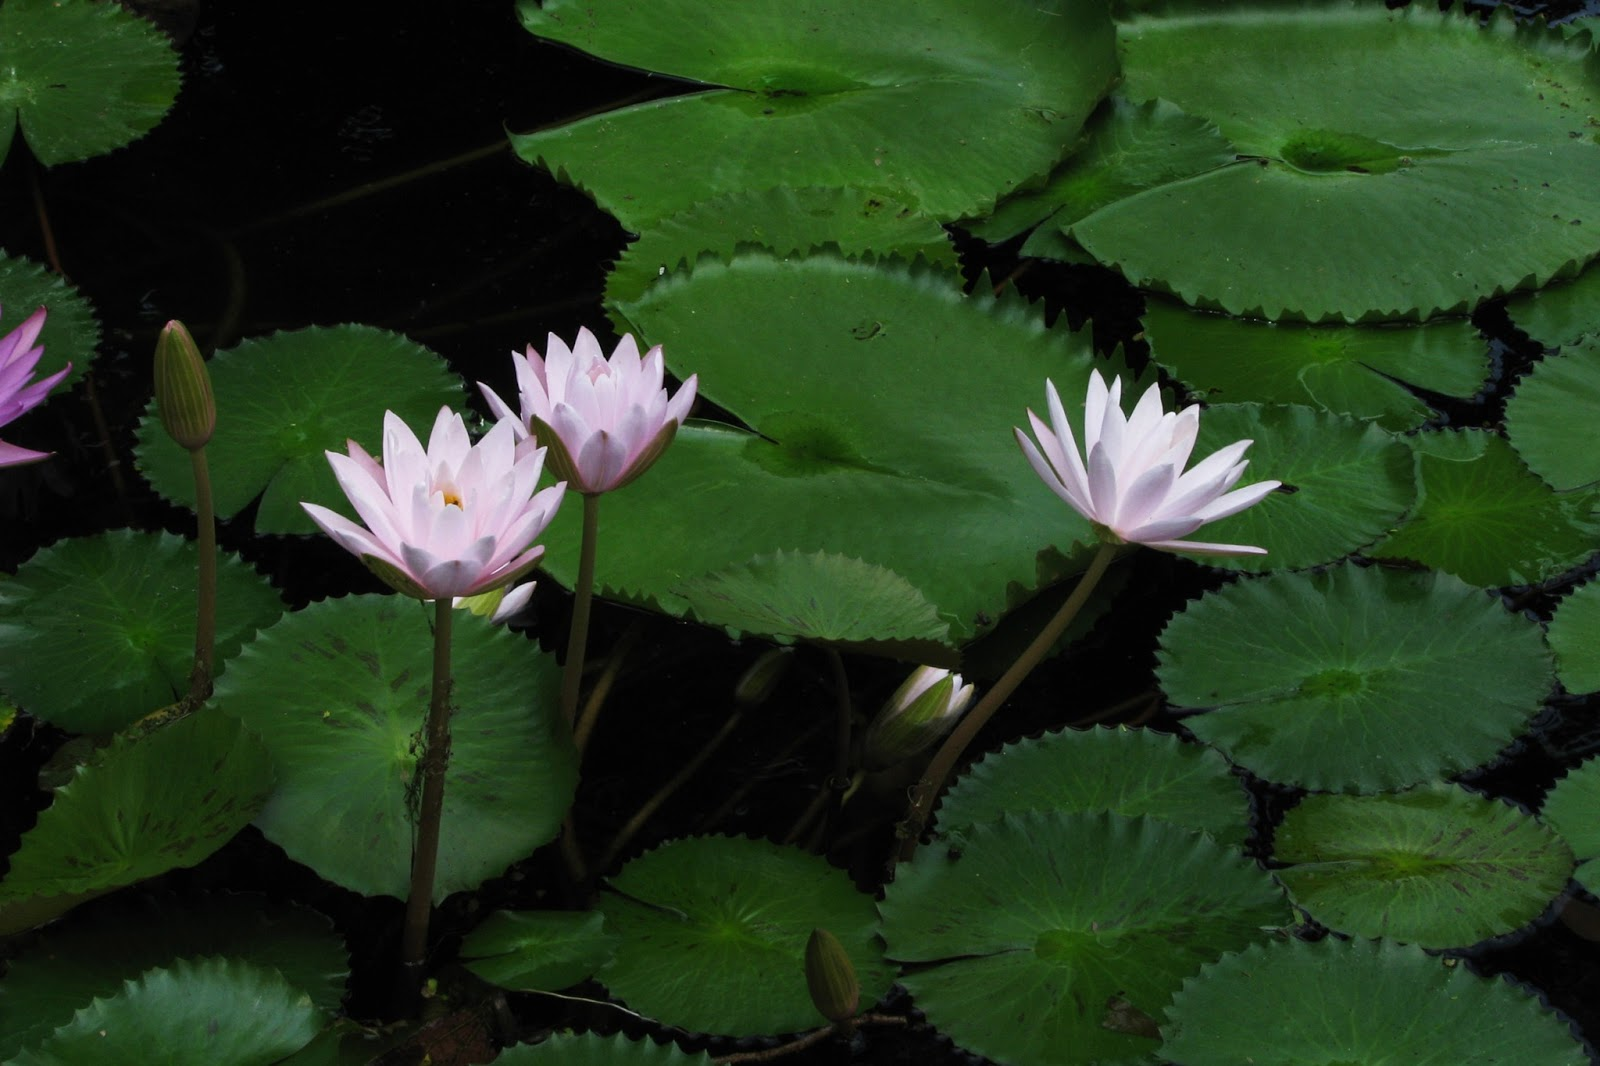 Lotus Flower Hd Wallpapers